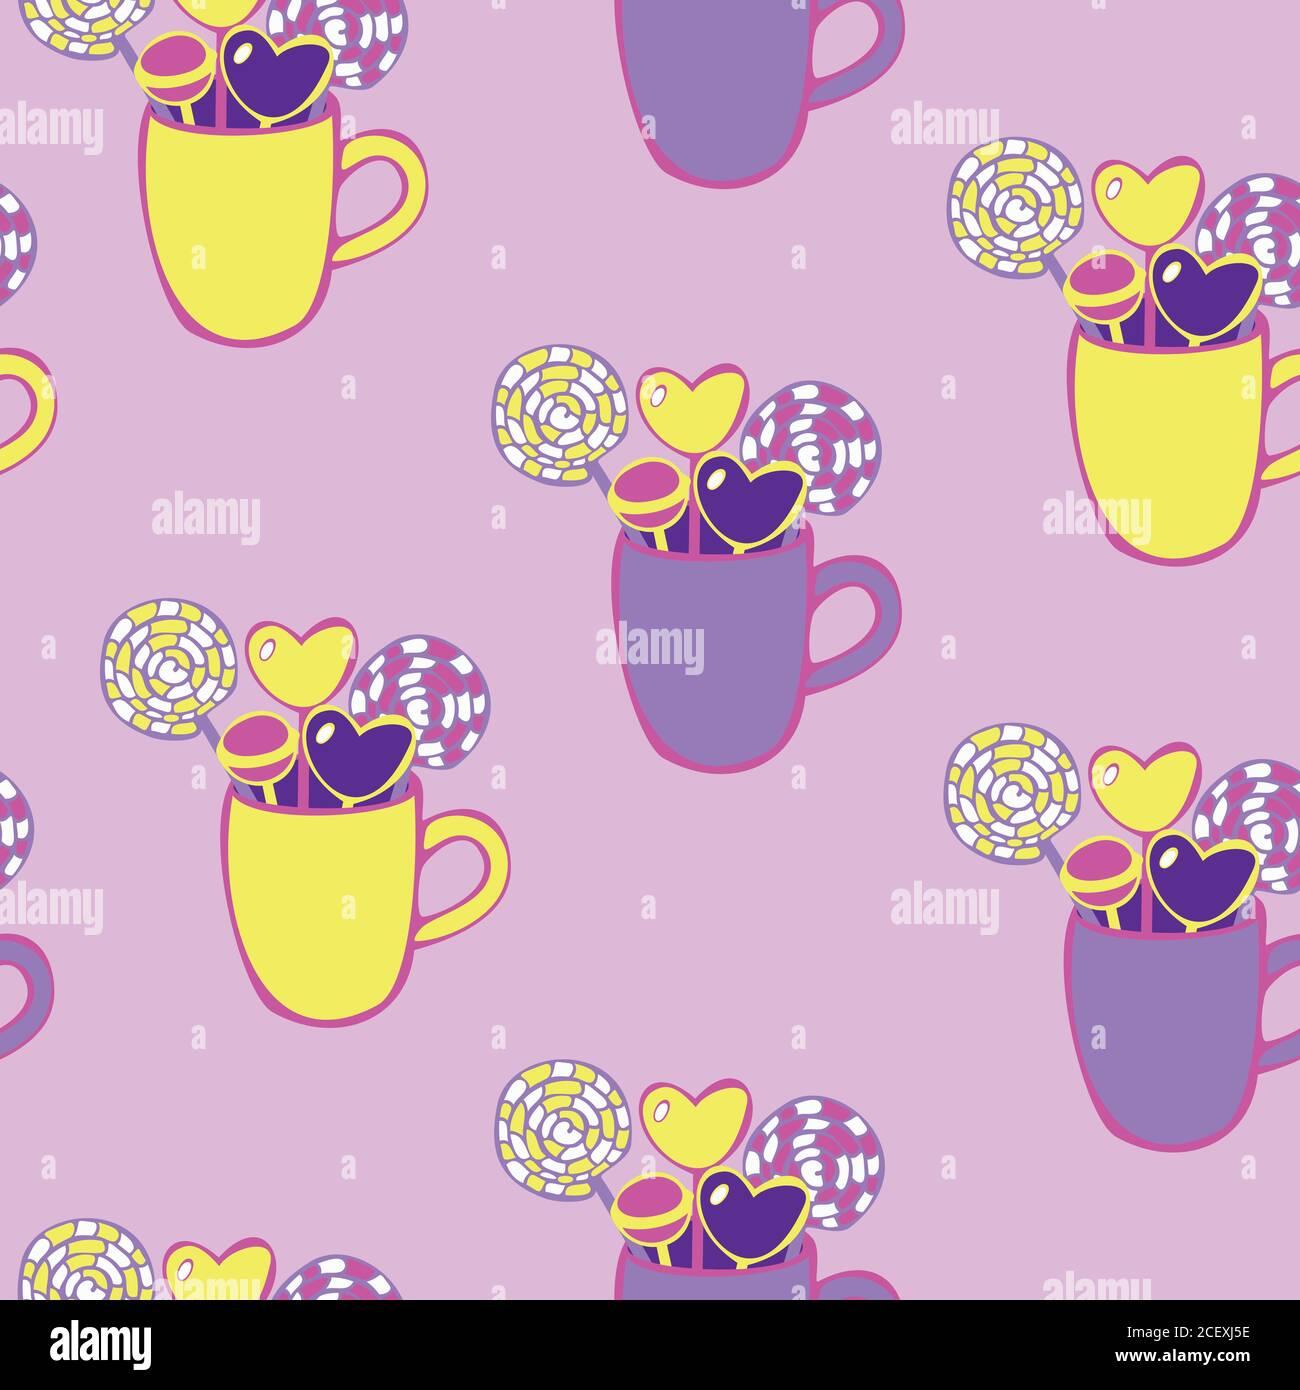 Süßwaren Vektor Vektoren Stockfotos und  bilder Kaufen   Alamy